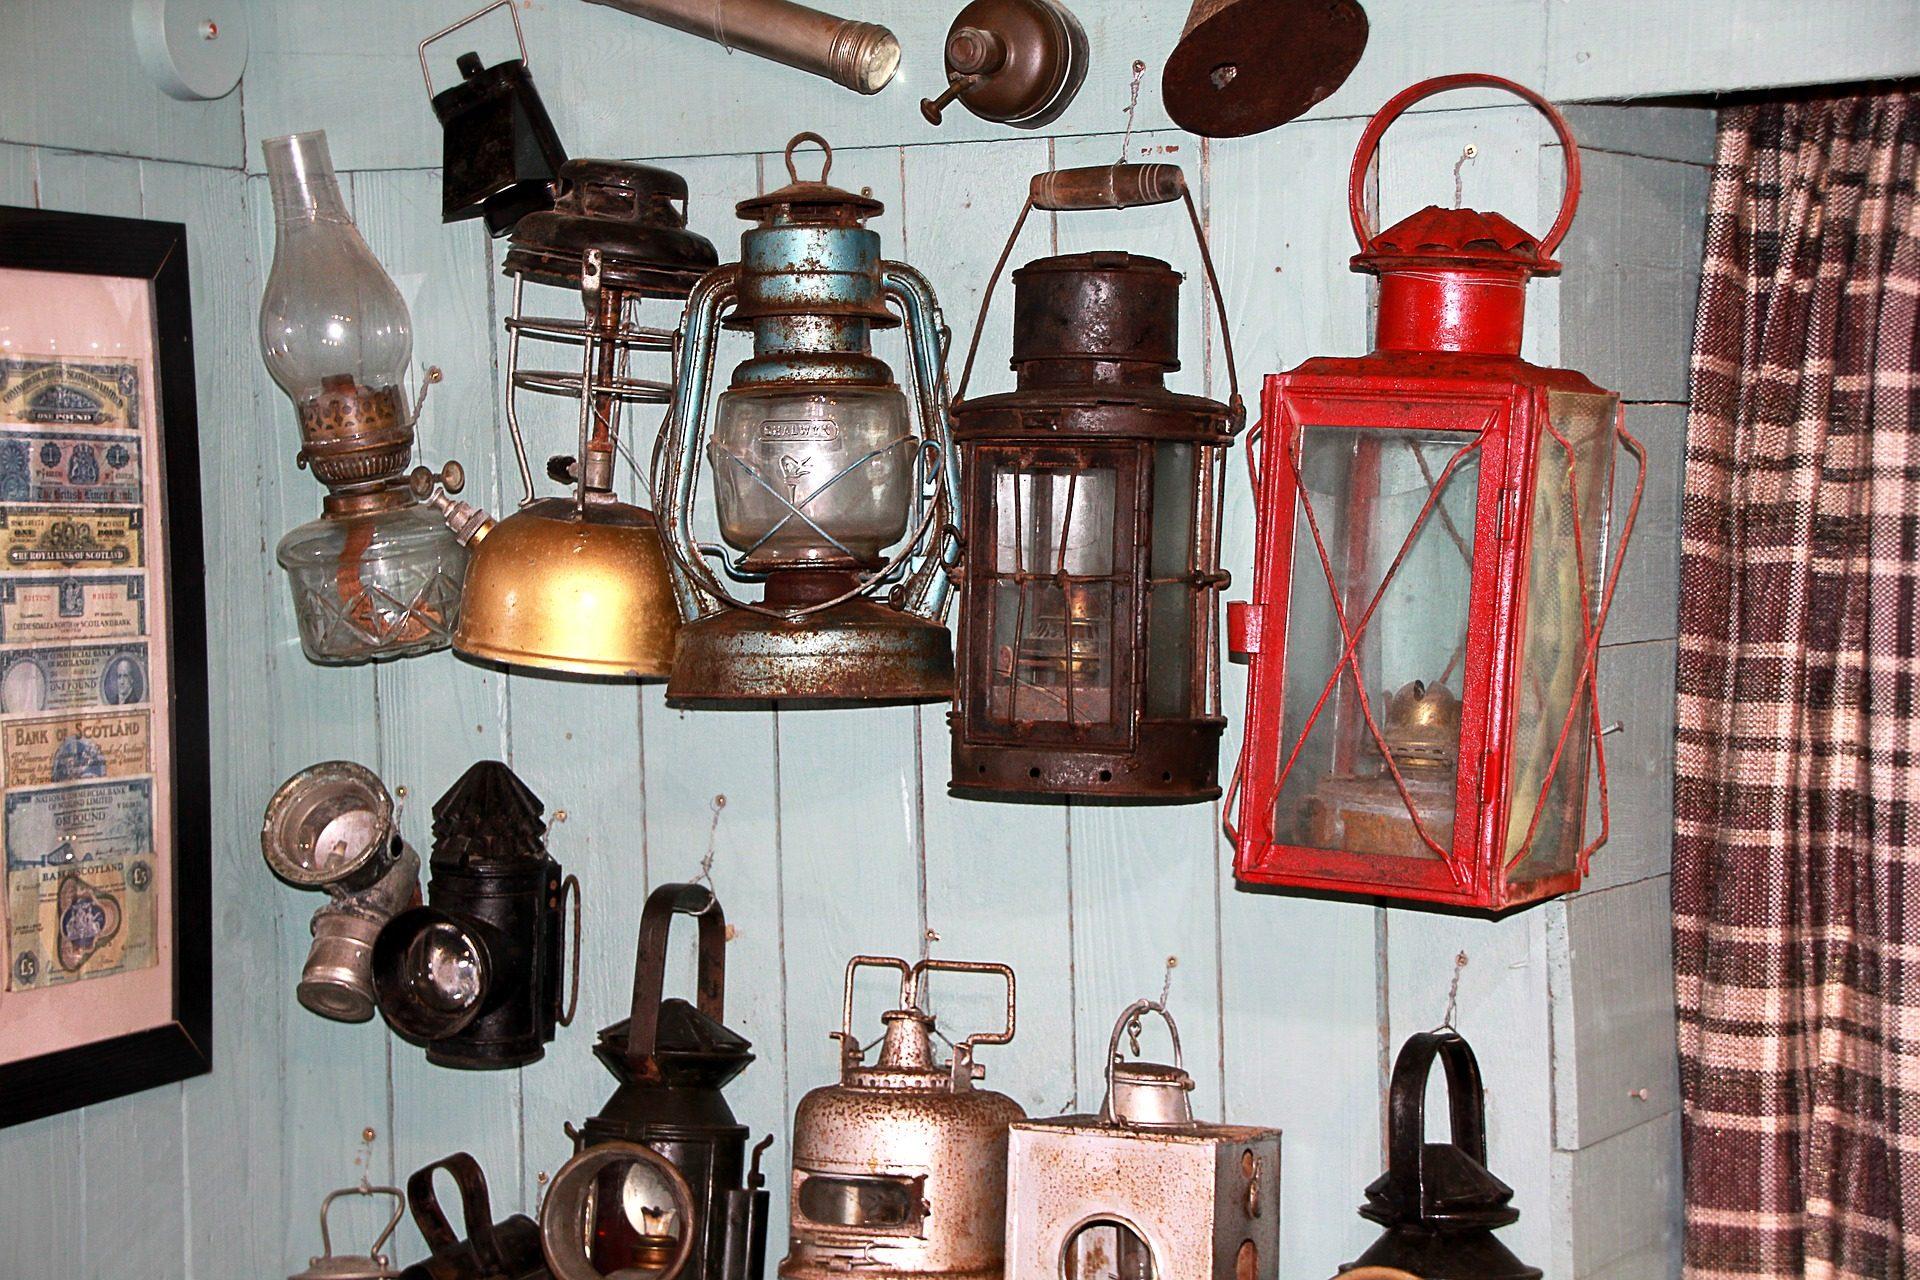 faroles, lámparas, candiles, colección, antiguo, vintage - Fondos de Pantalla HD - professor-falken.com